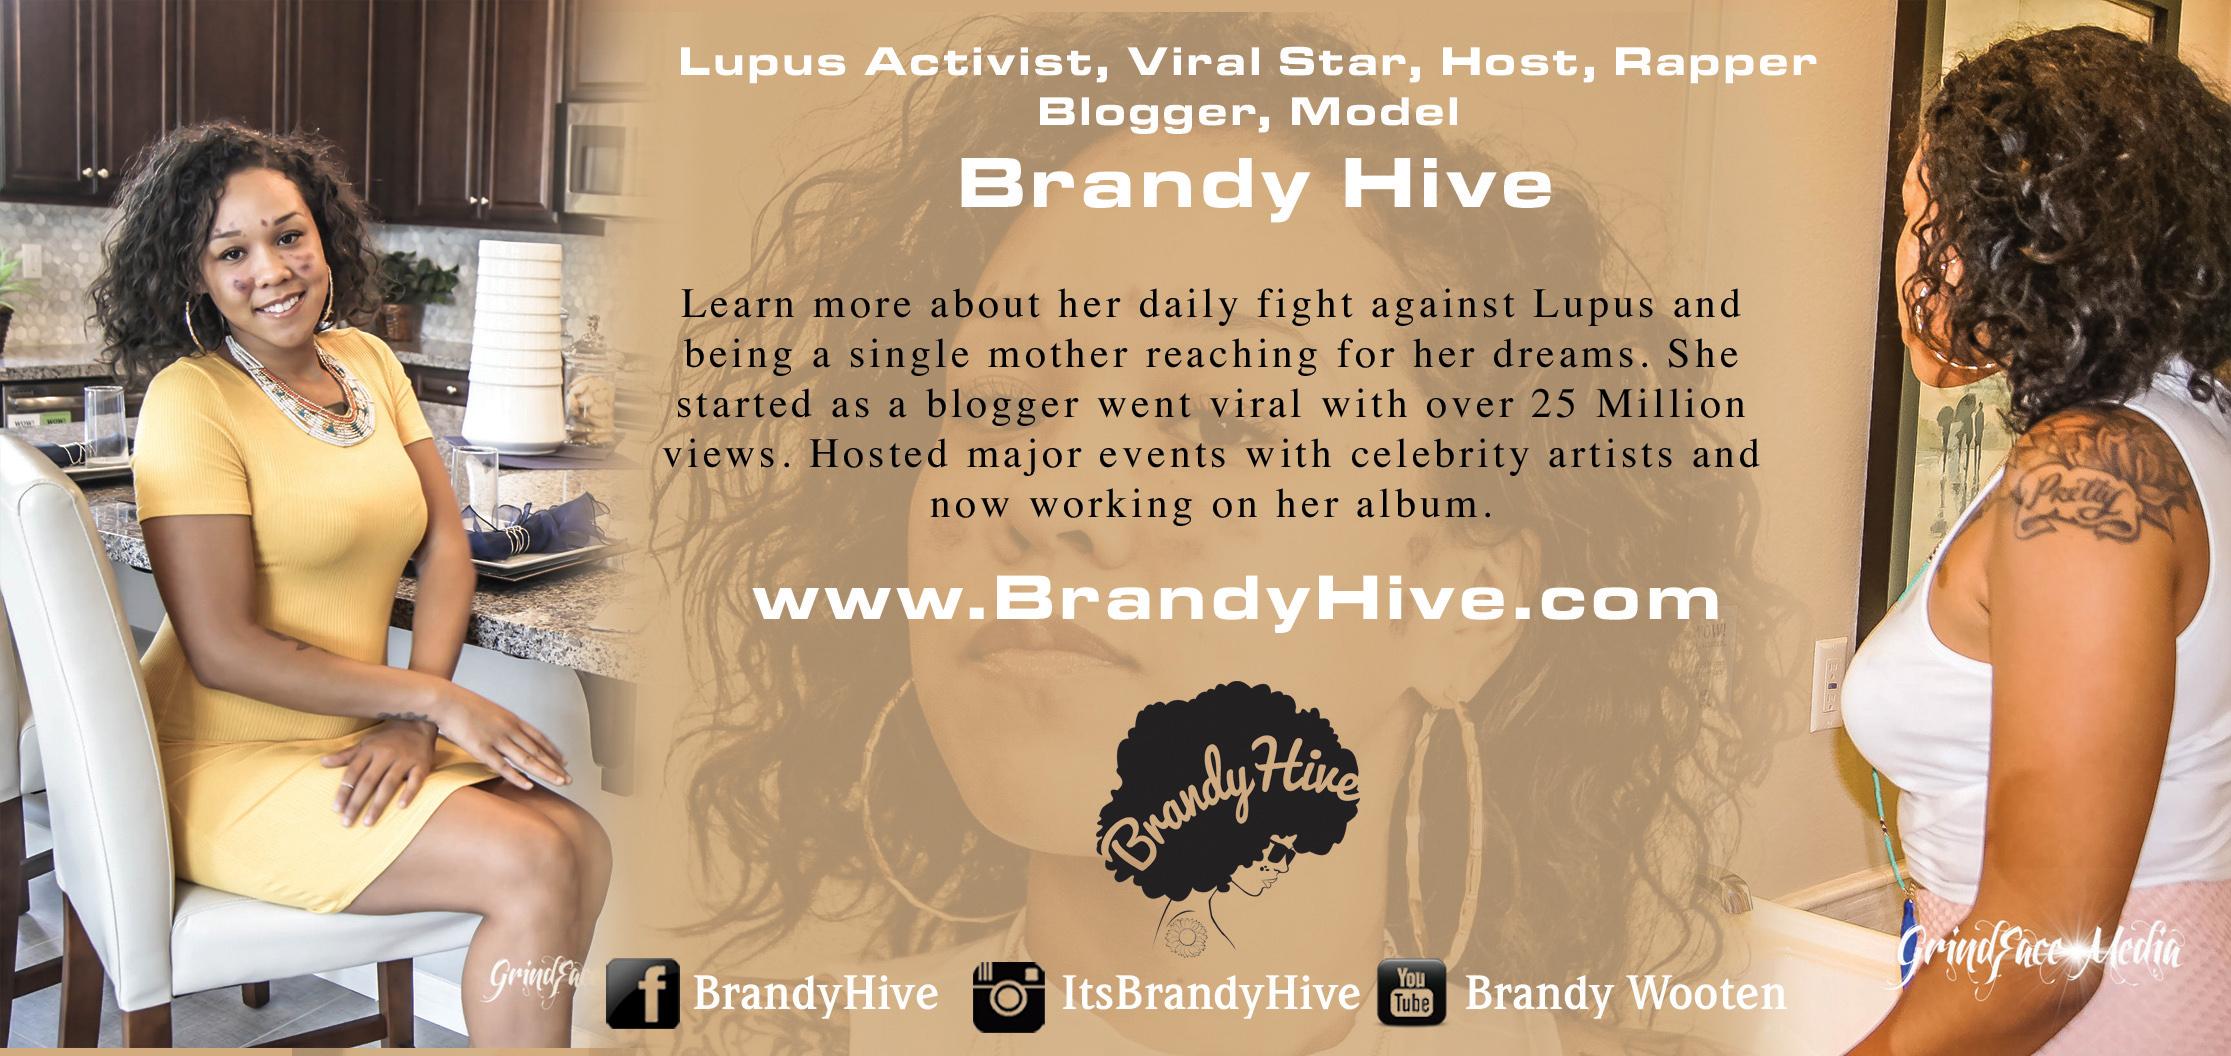 Brandy Hive